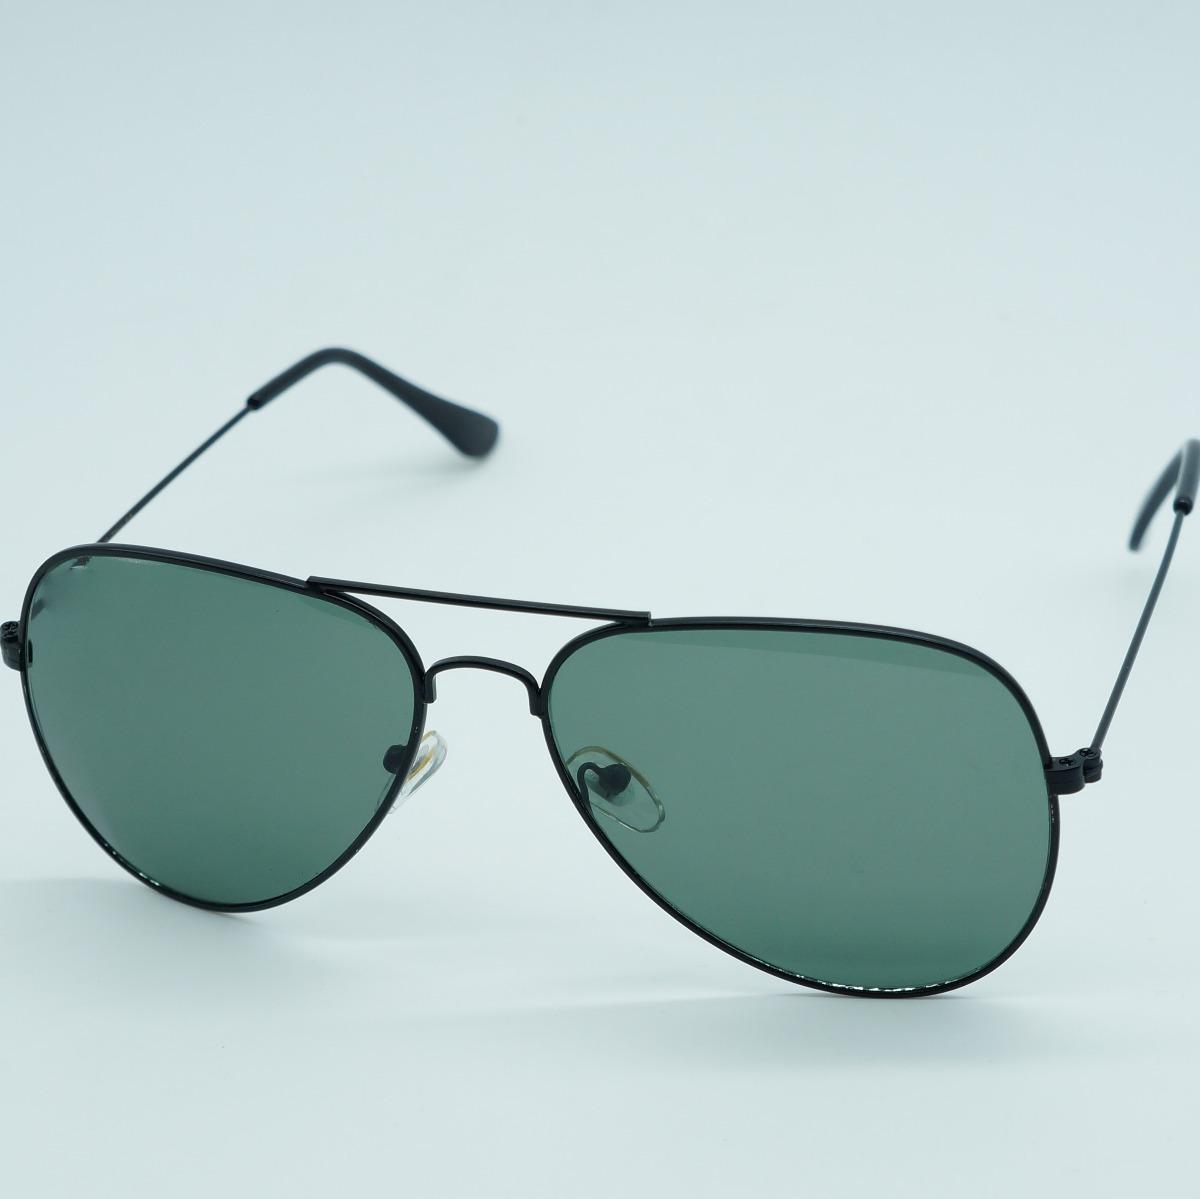 ff6c78e88 oculos aviador feminino azul degrade 3025 3026 original. Carregando zoom.